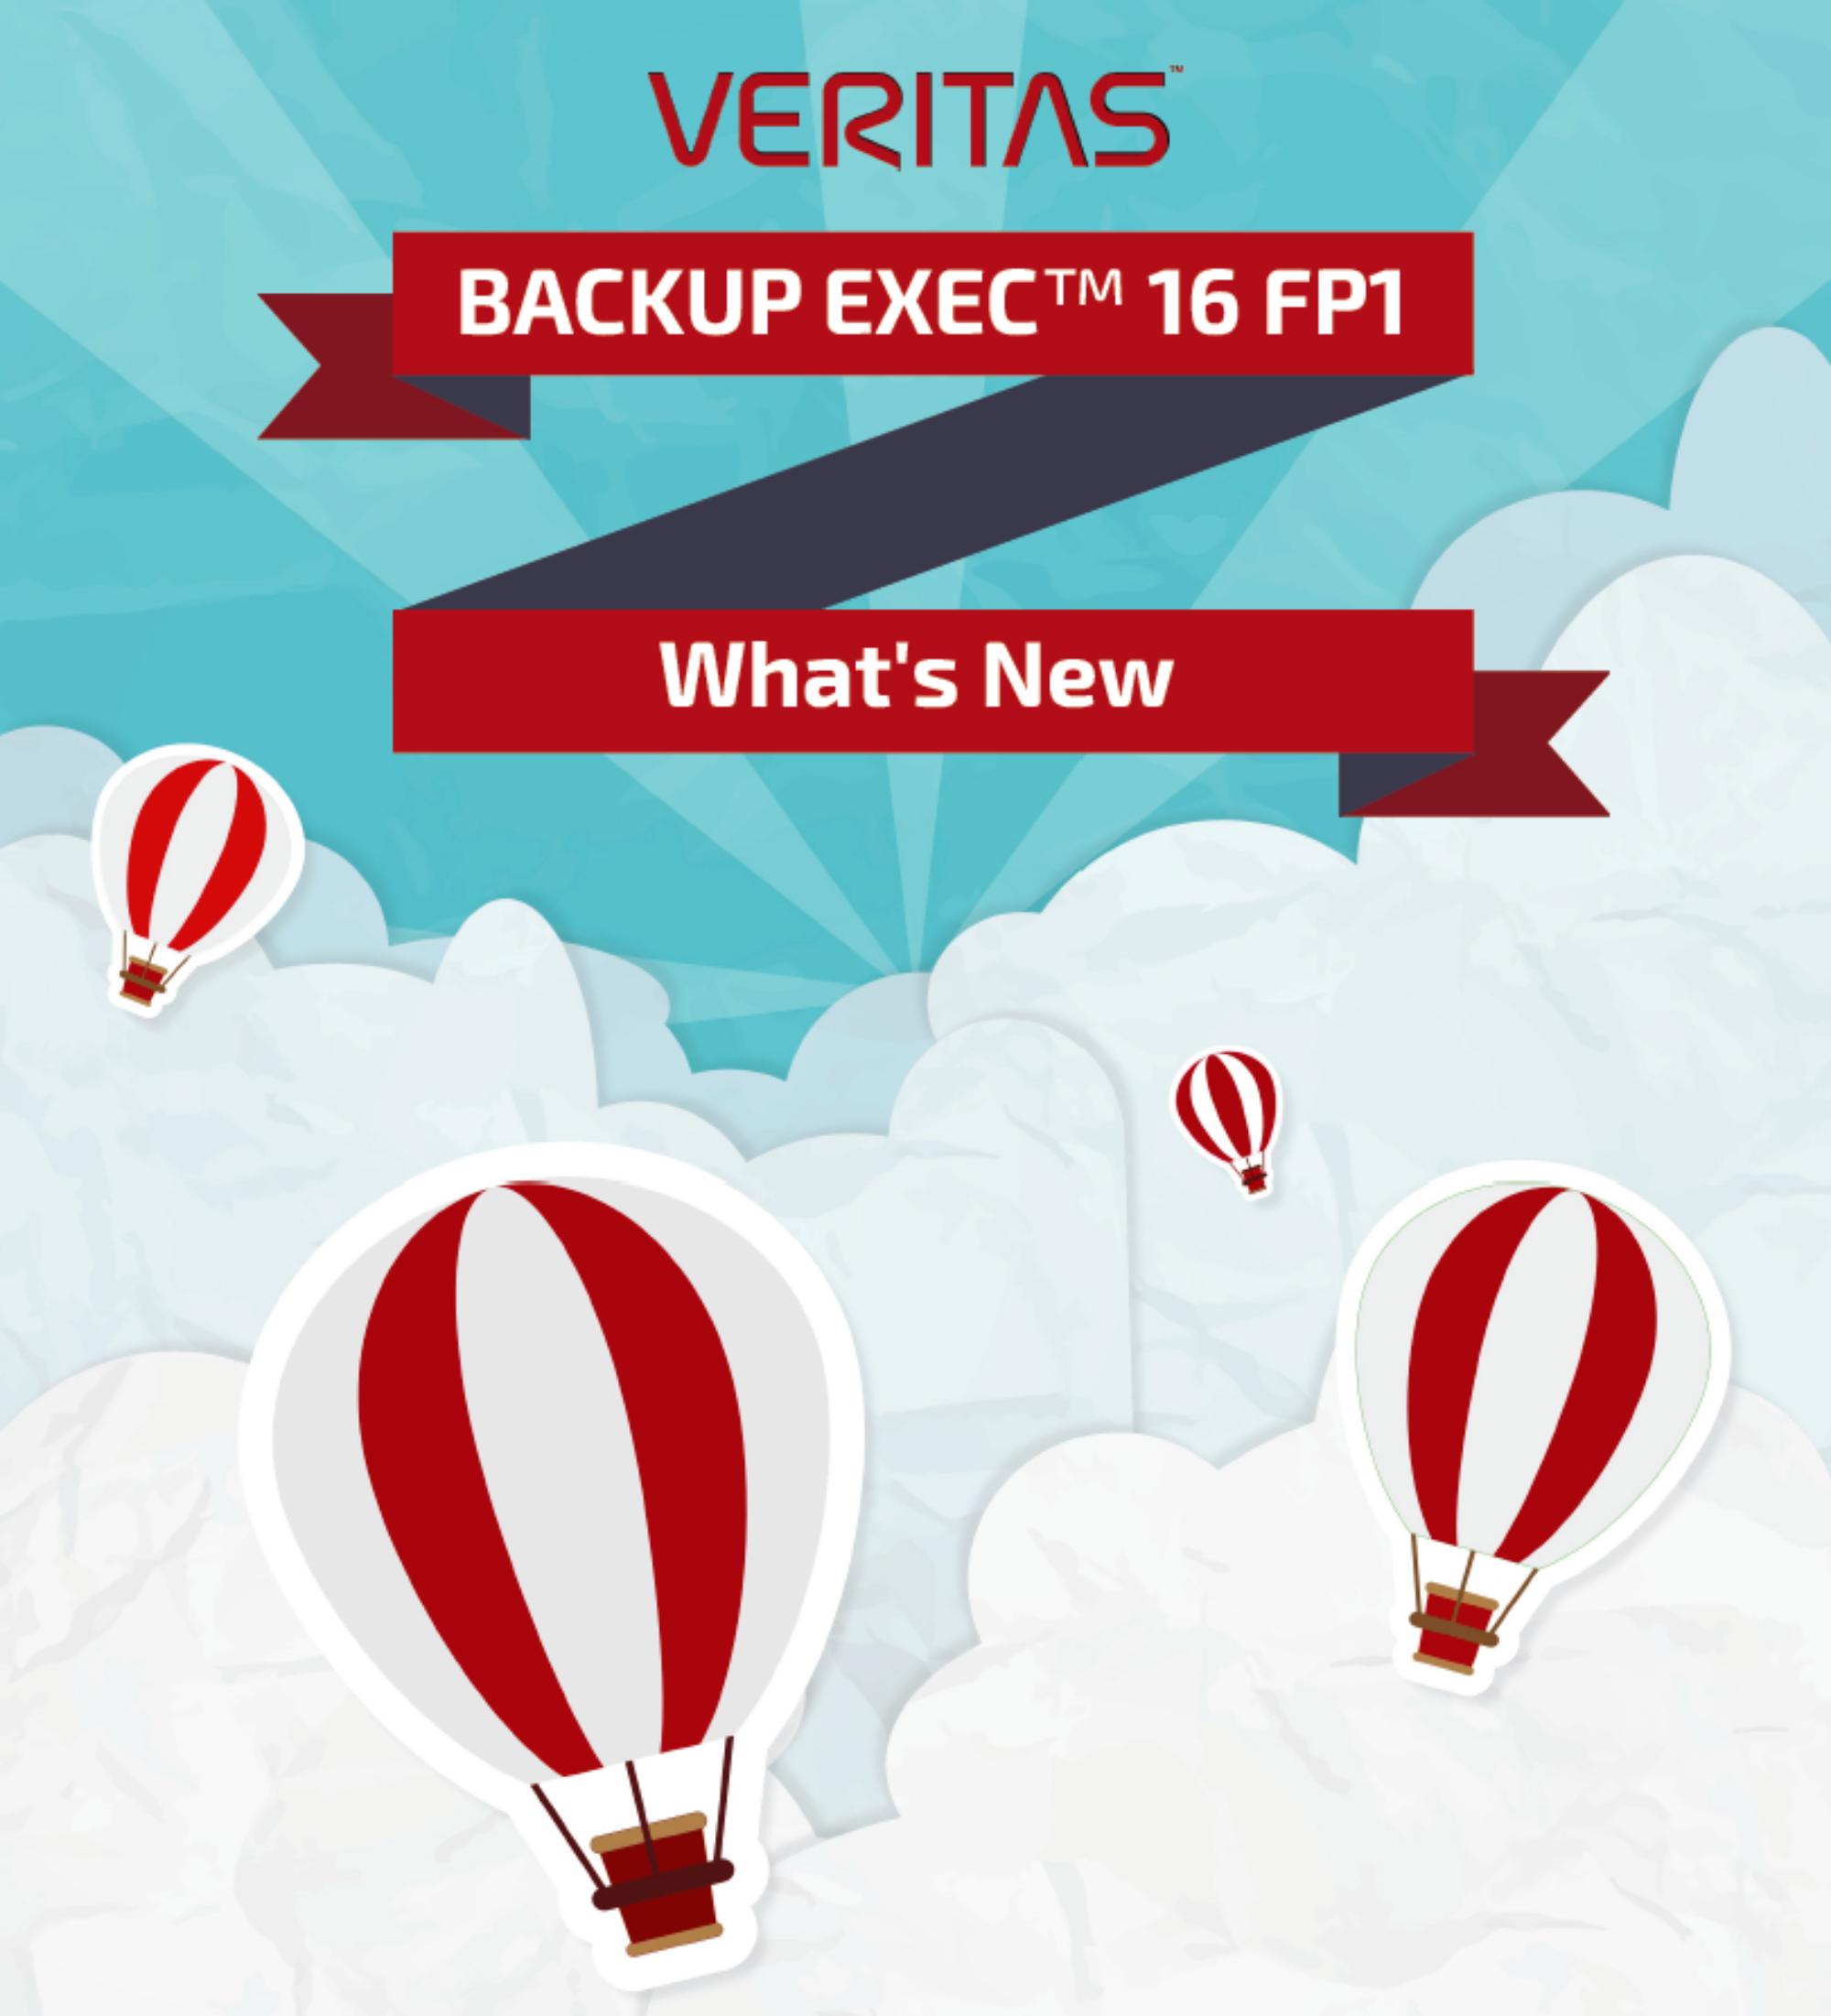 veritas-backup-exec-fp1